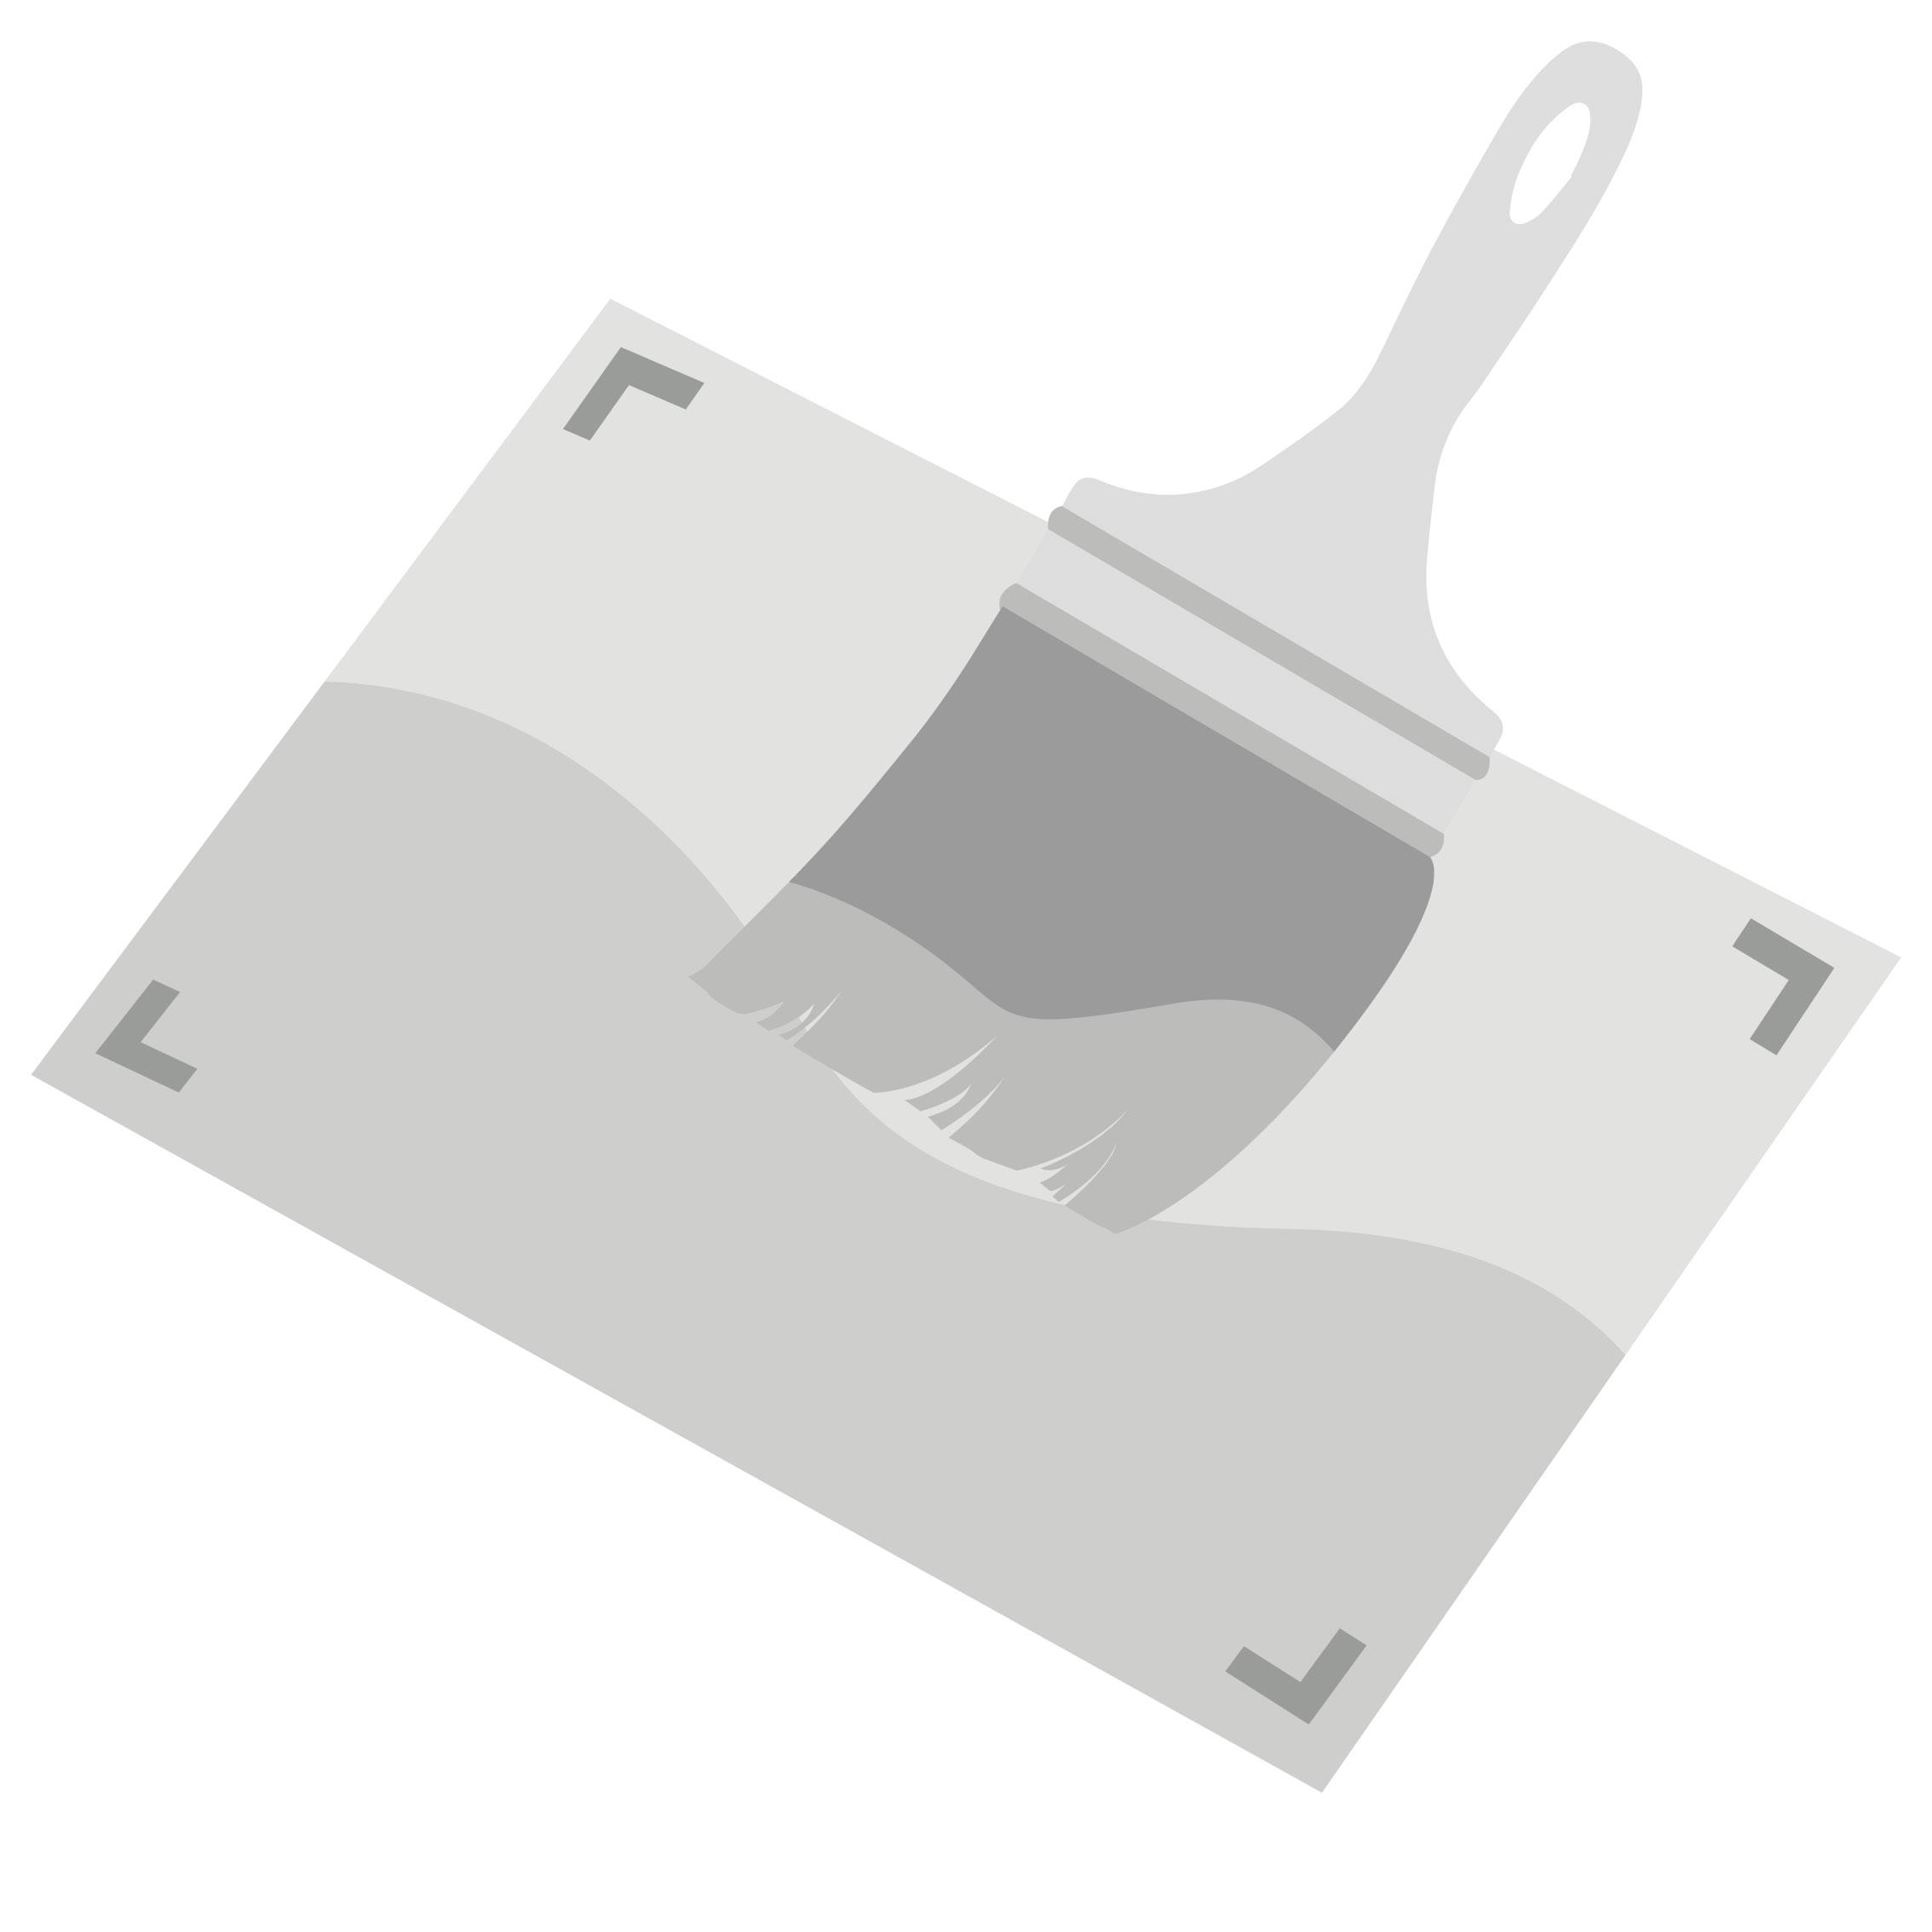 Drukwerk ontwerpen bij Signaal Reclame